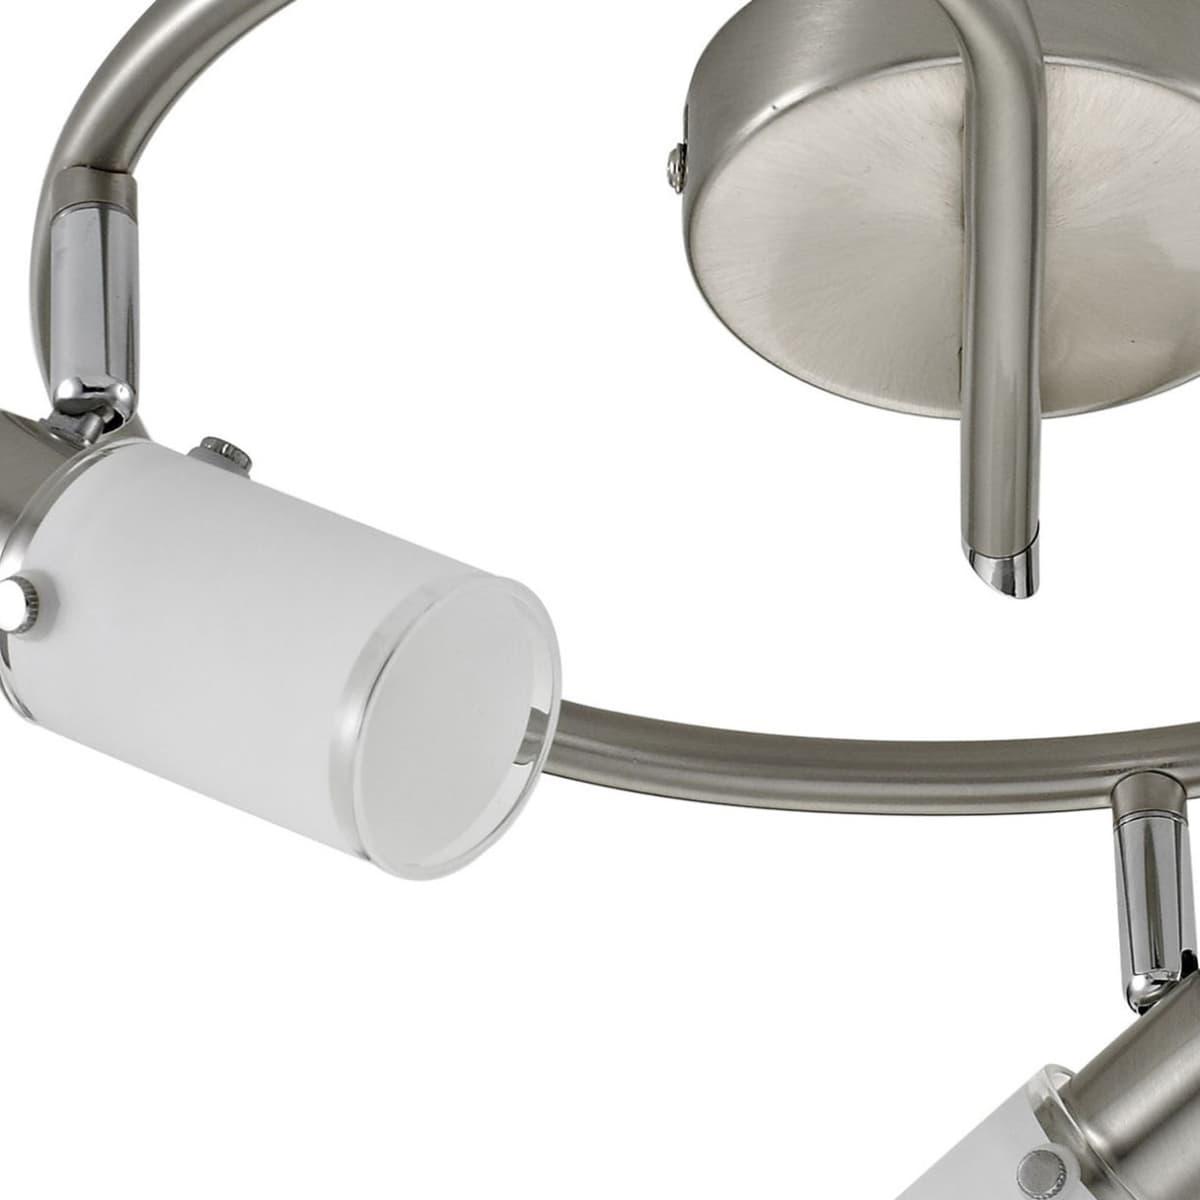 LED Deckenleuchte, rund, stahl, Glas, 3-flammig